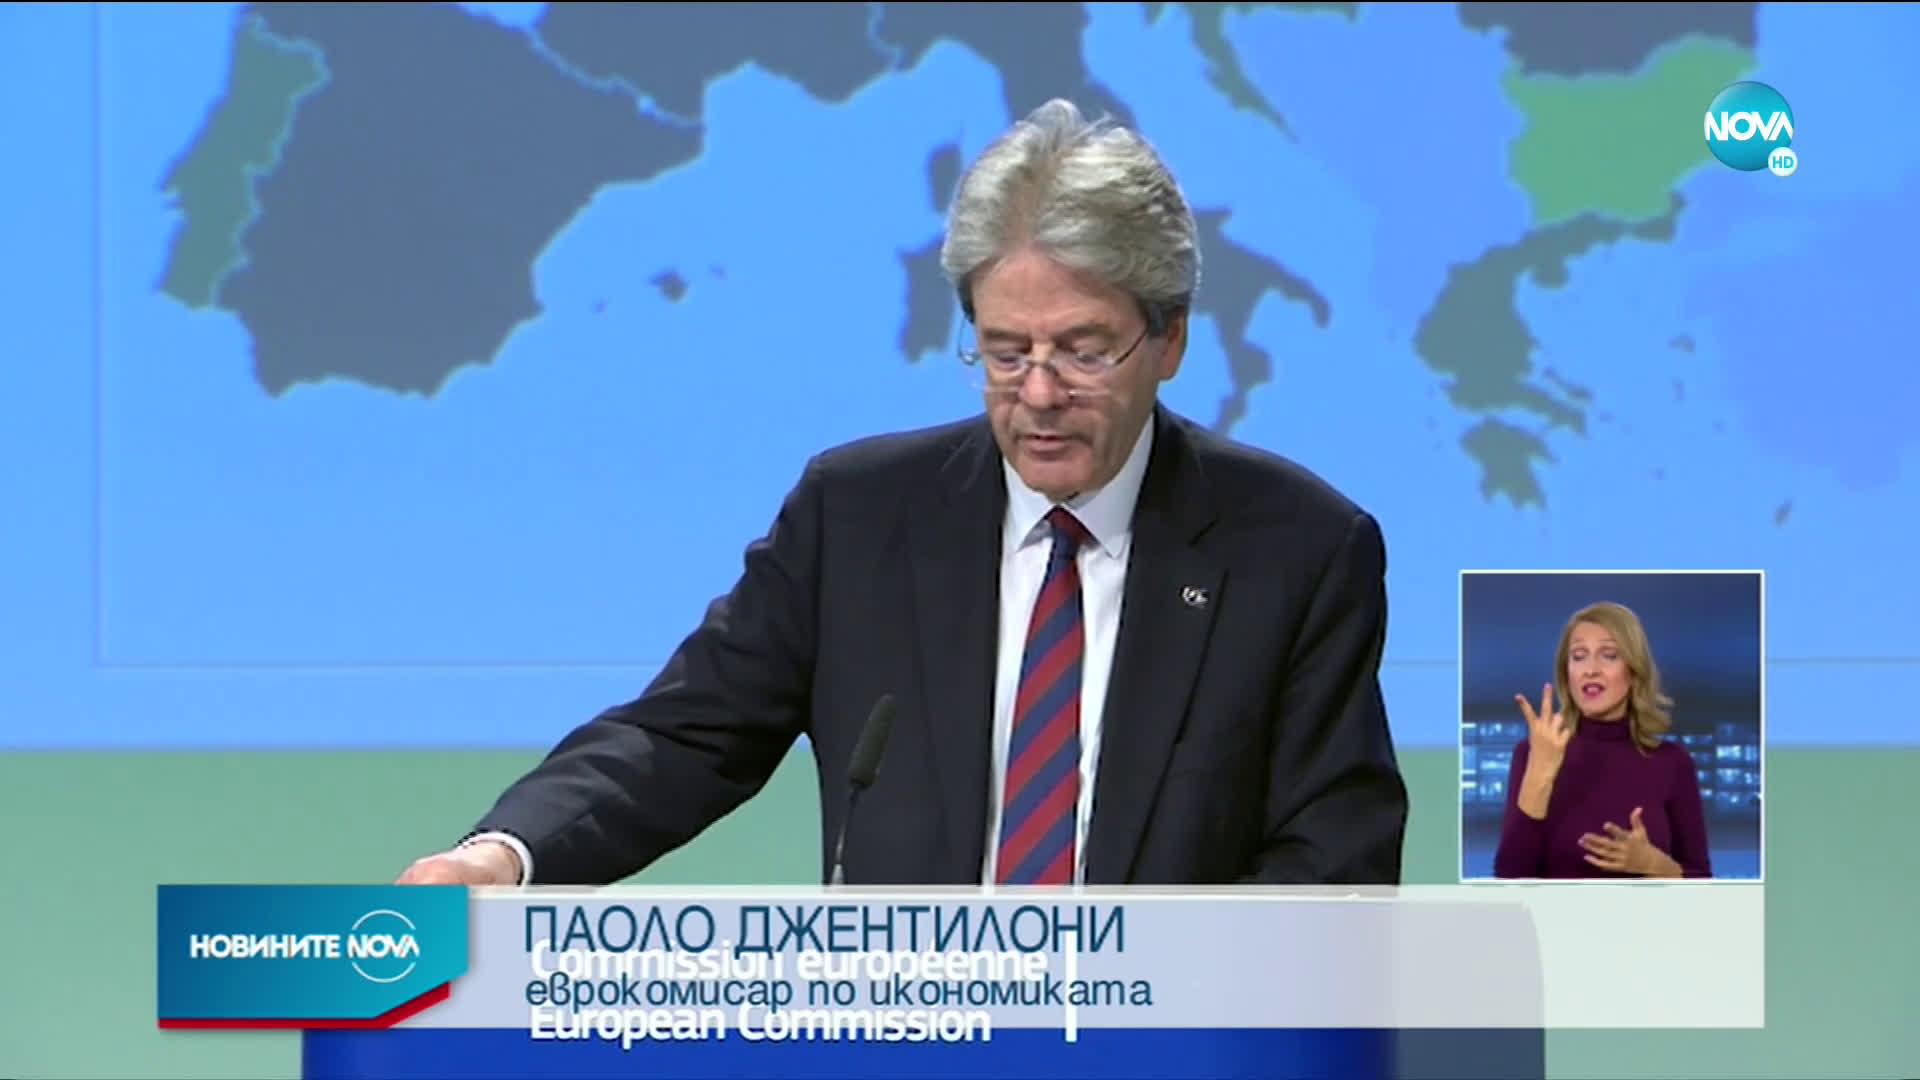 ЕК: България е единствената страна в ЕС с дефицит, който няма да надвиши 3% от БВП